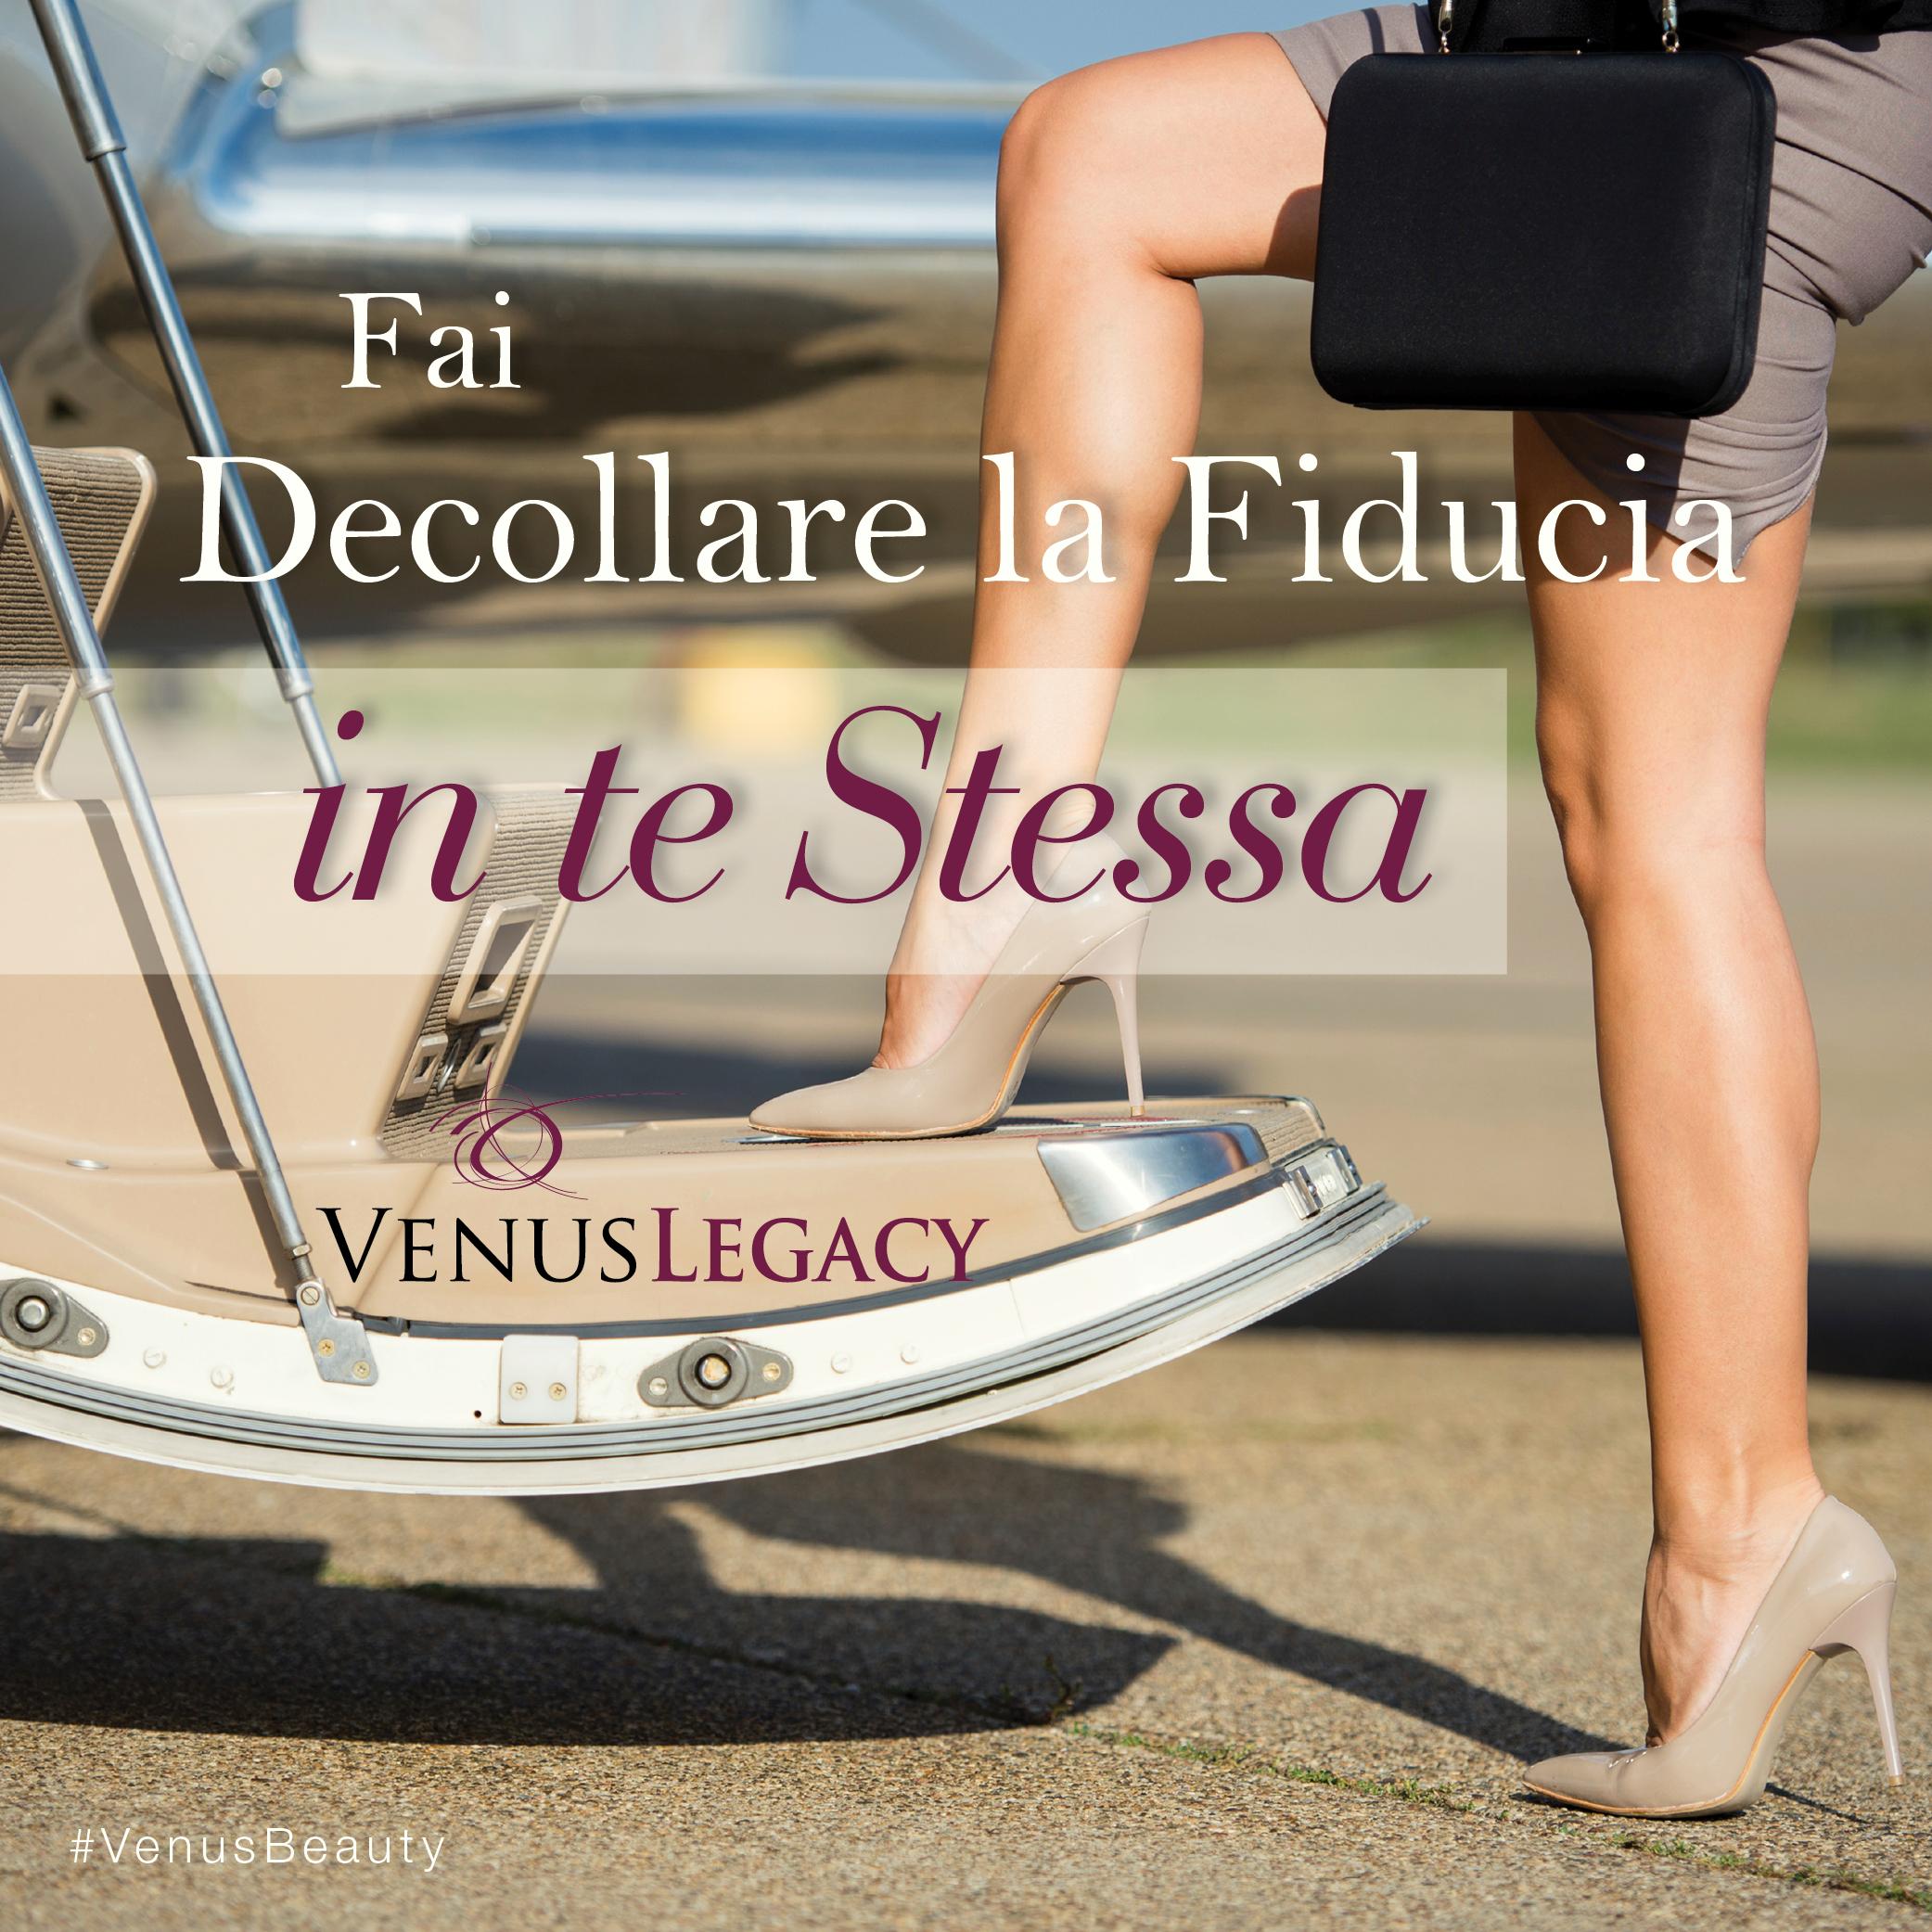 Venus Legacy funziona